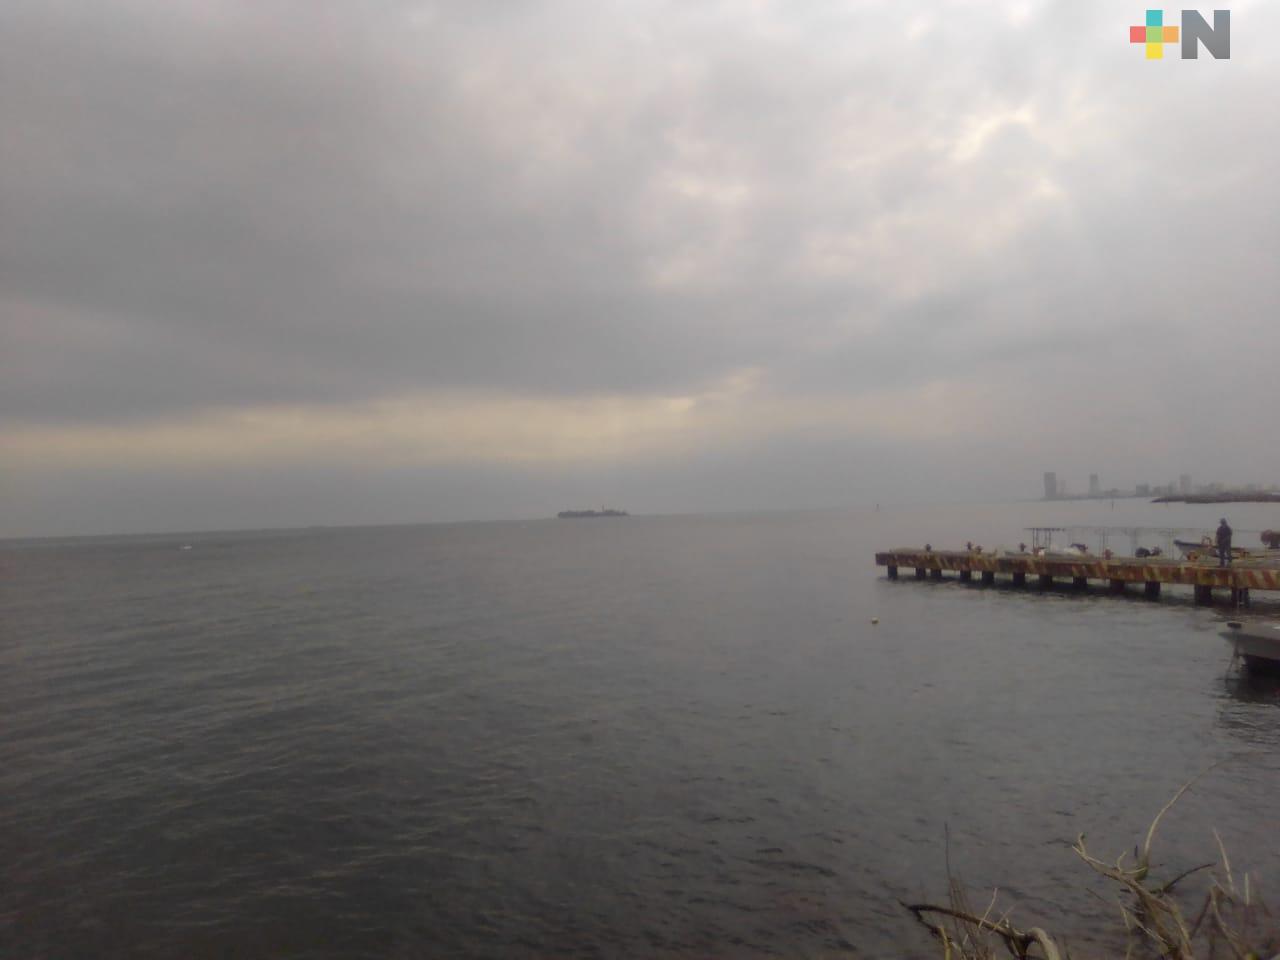 Han bajado reportes de avistamientos de especies marinas en cercanías de las costas veracruzanas